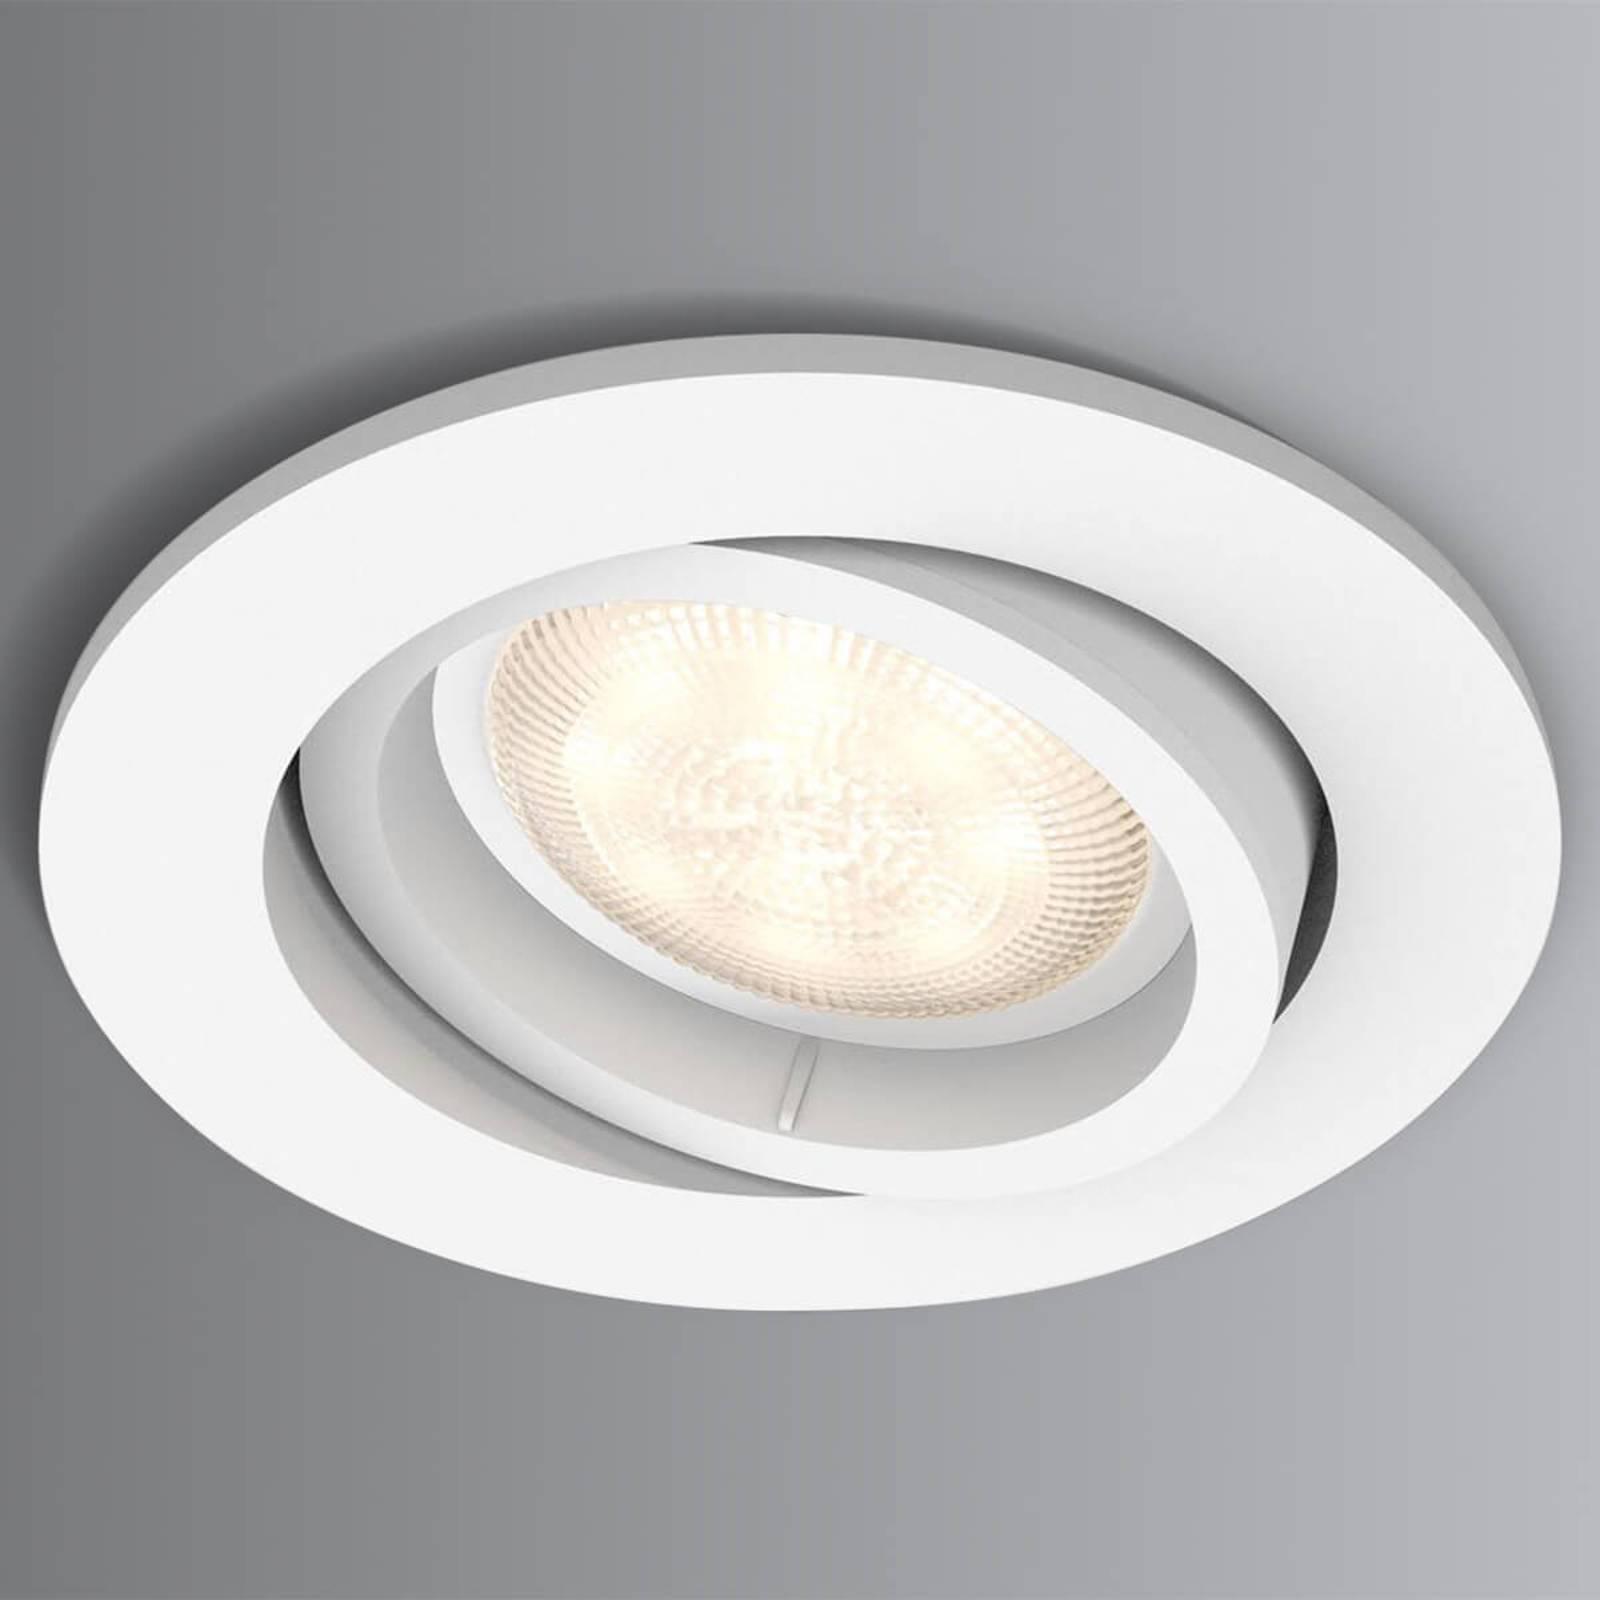 LED-uppospotti Shellbark valkoinen WarmGlow